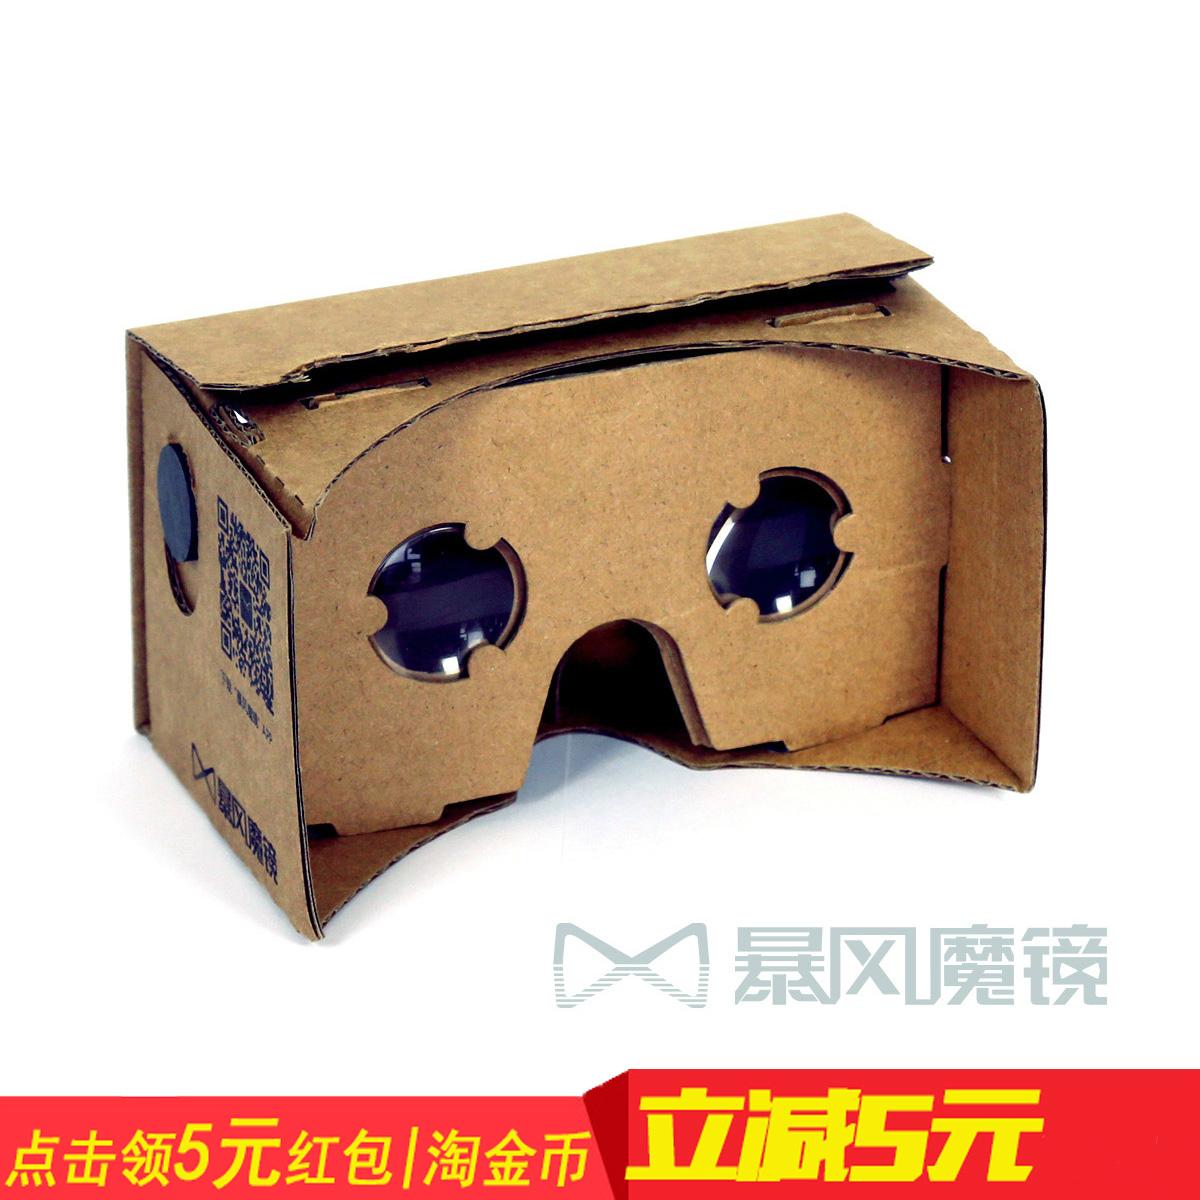 Картонные очки виртуальной реальности своими руками